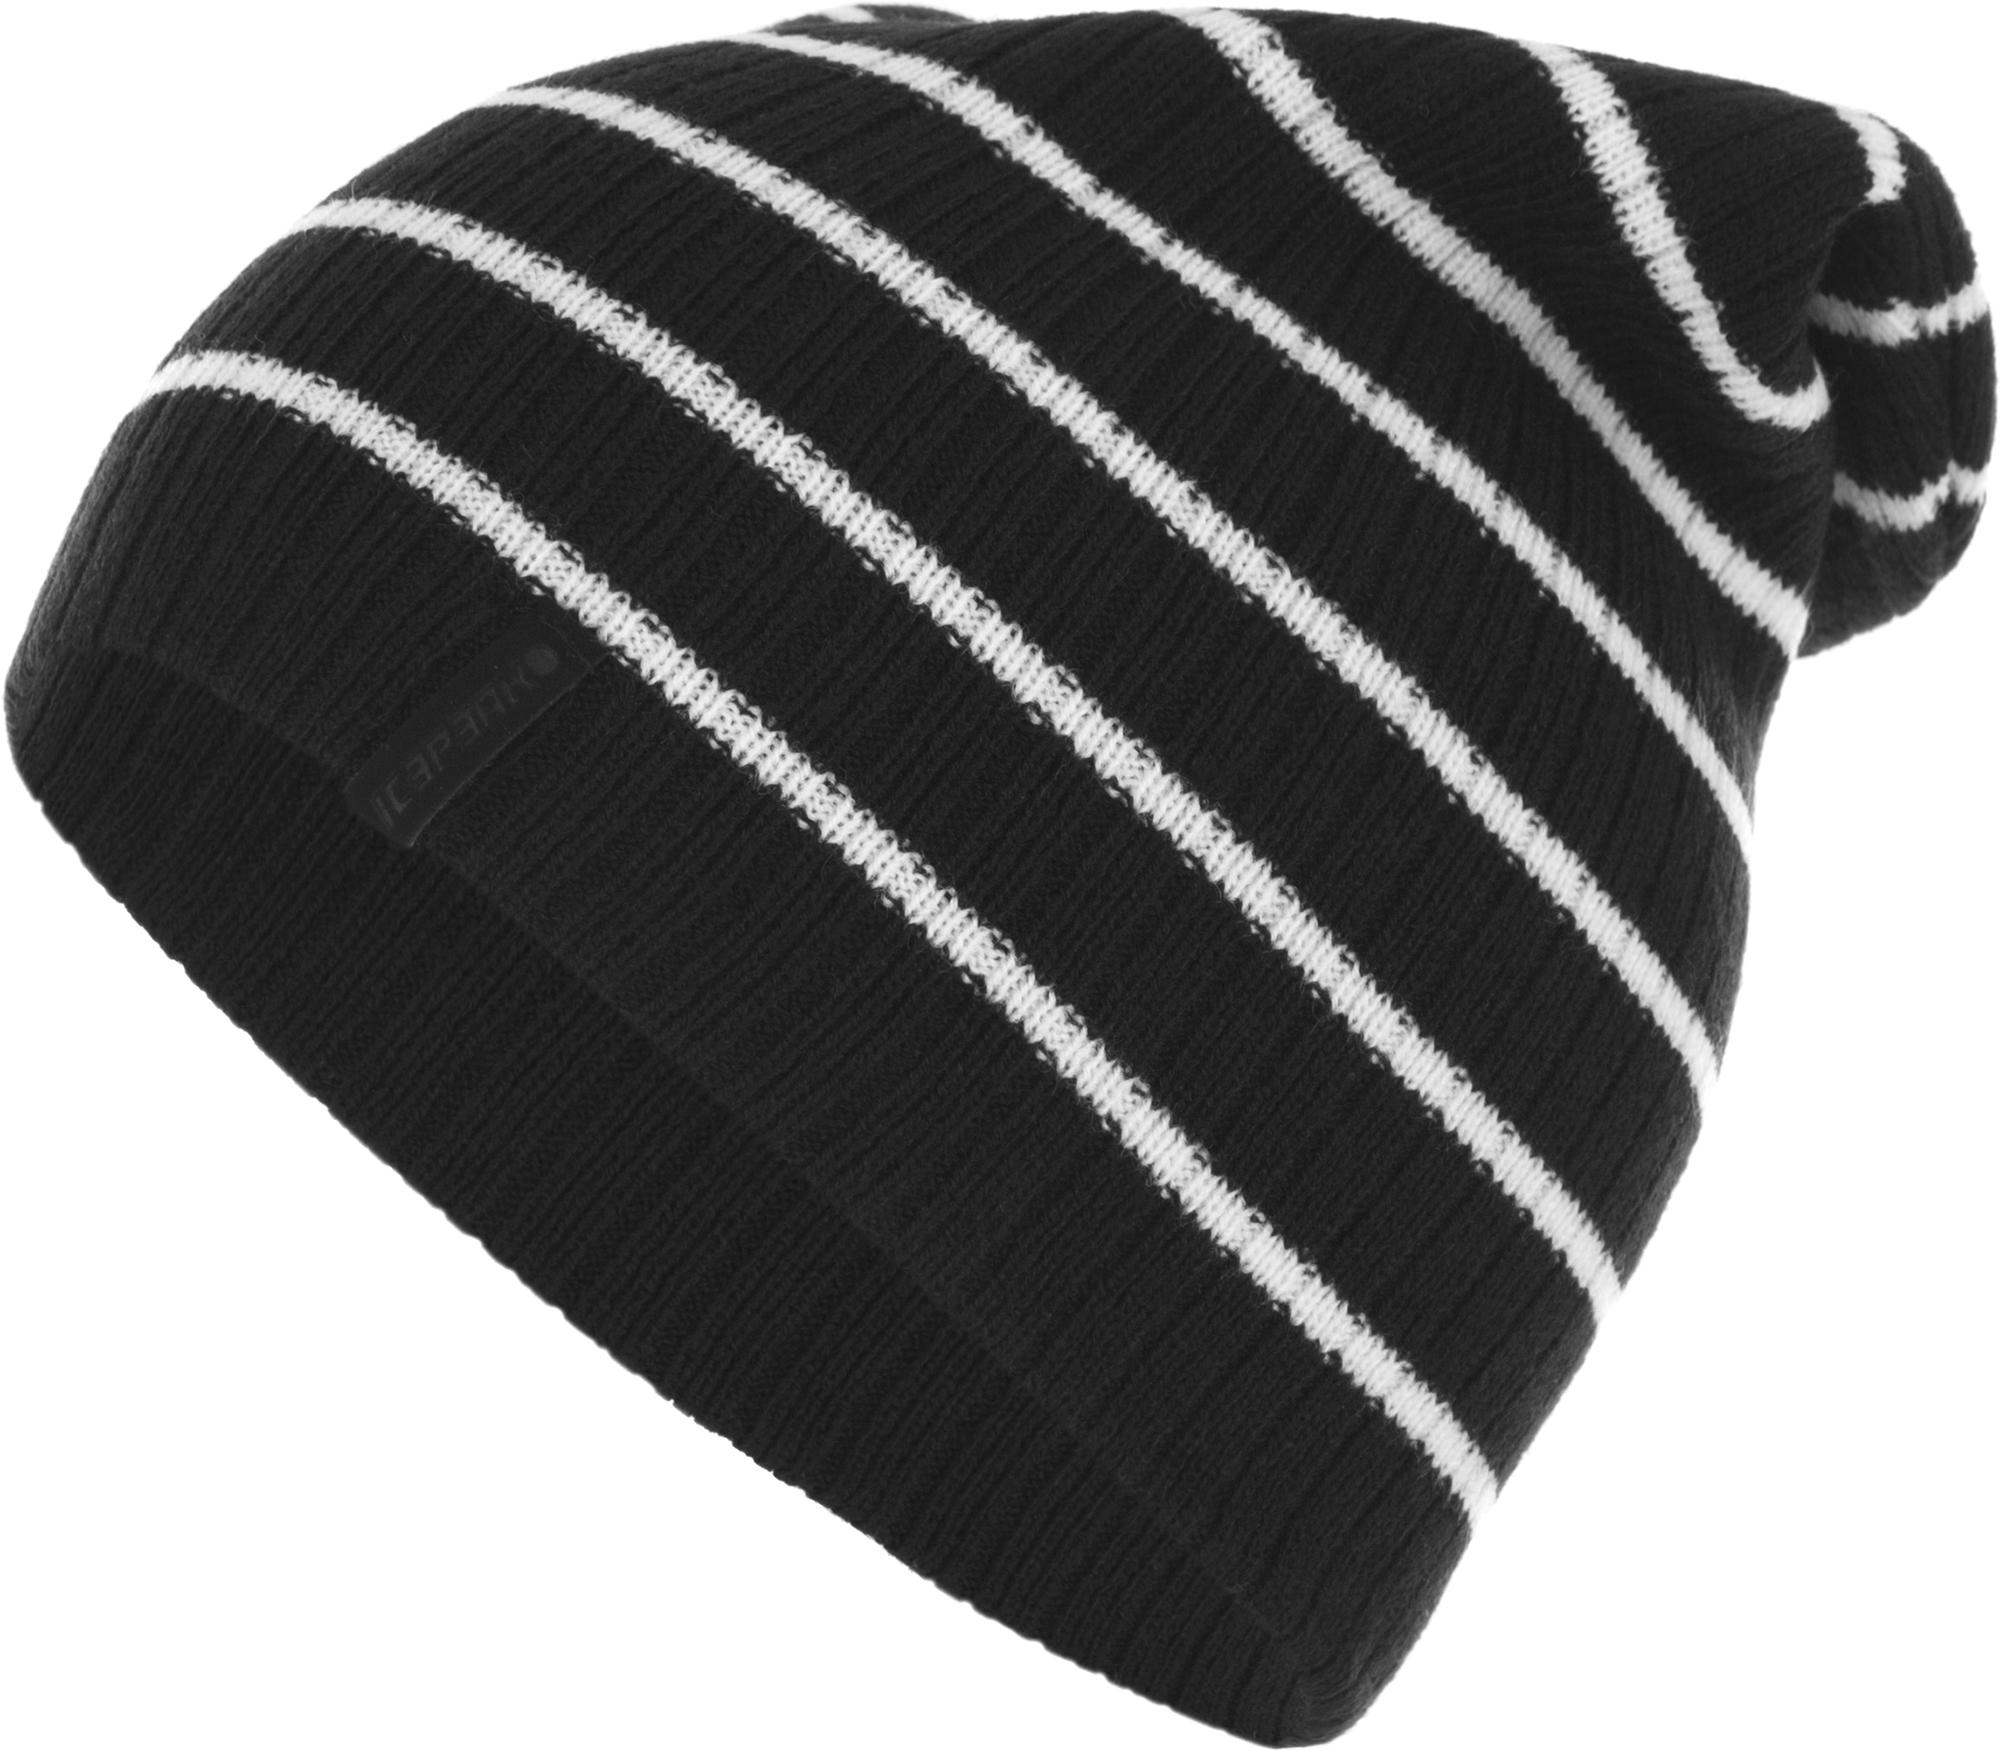 IcePeak Шапка IcePeak, размер Без размера icepeak шапка для девочек icepeak lito размер без размера